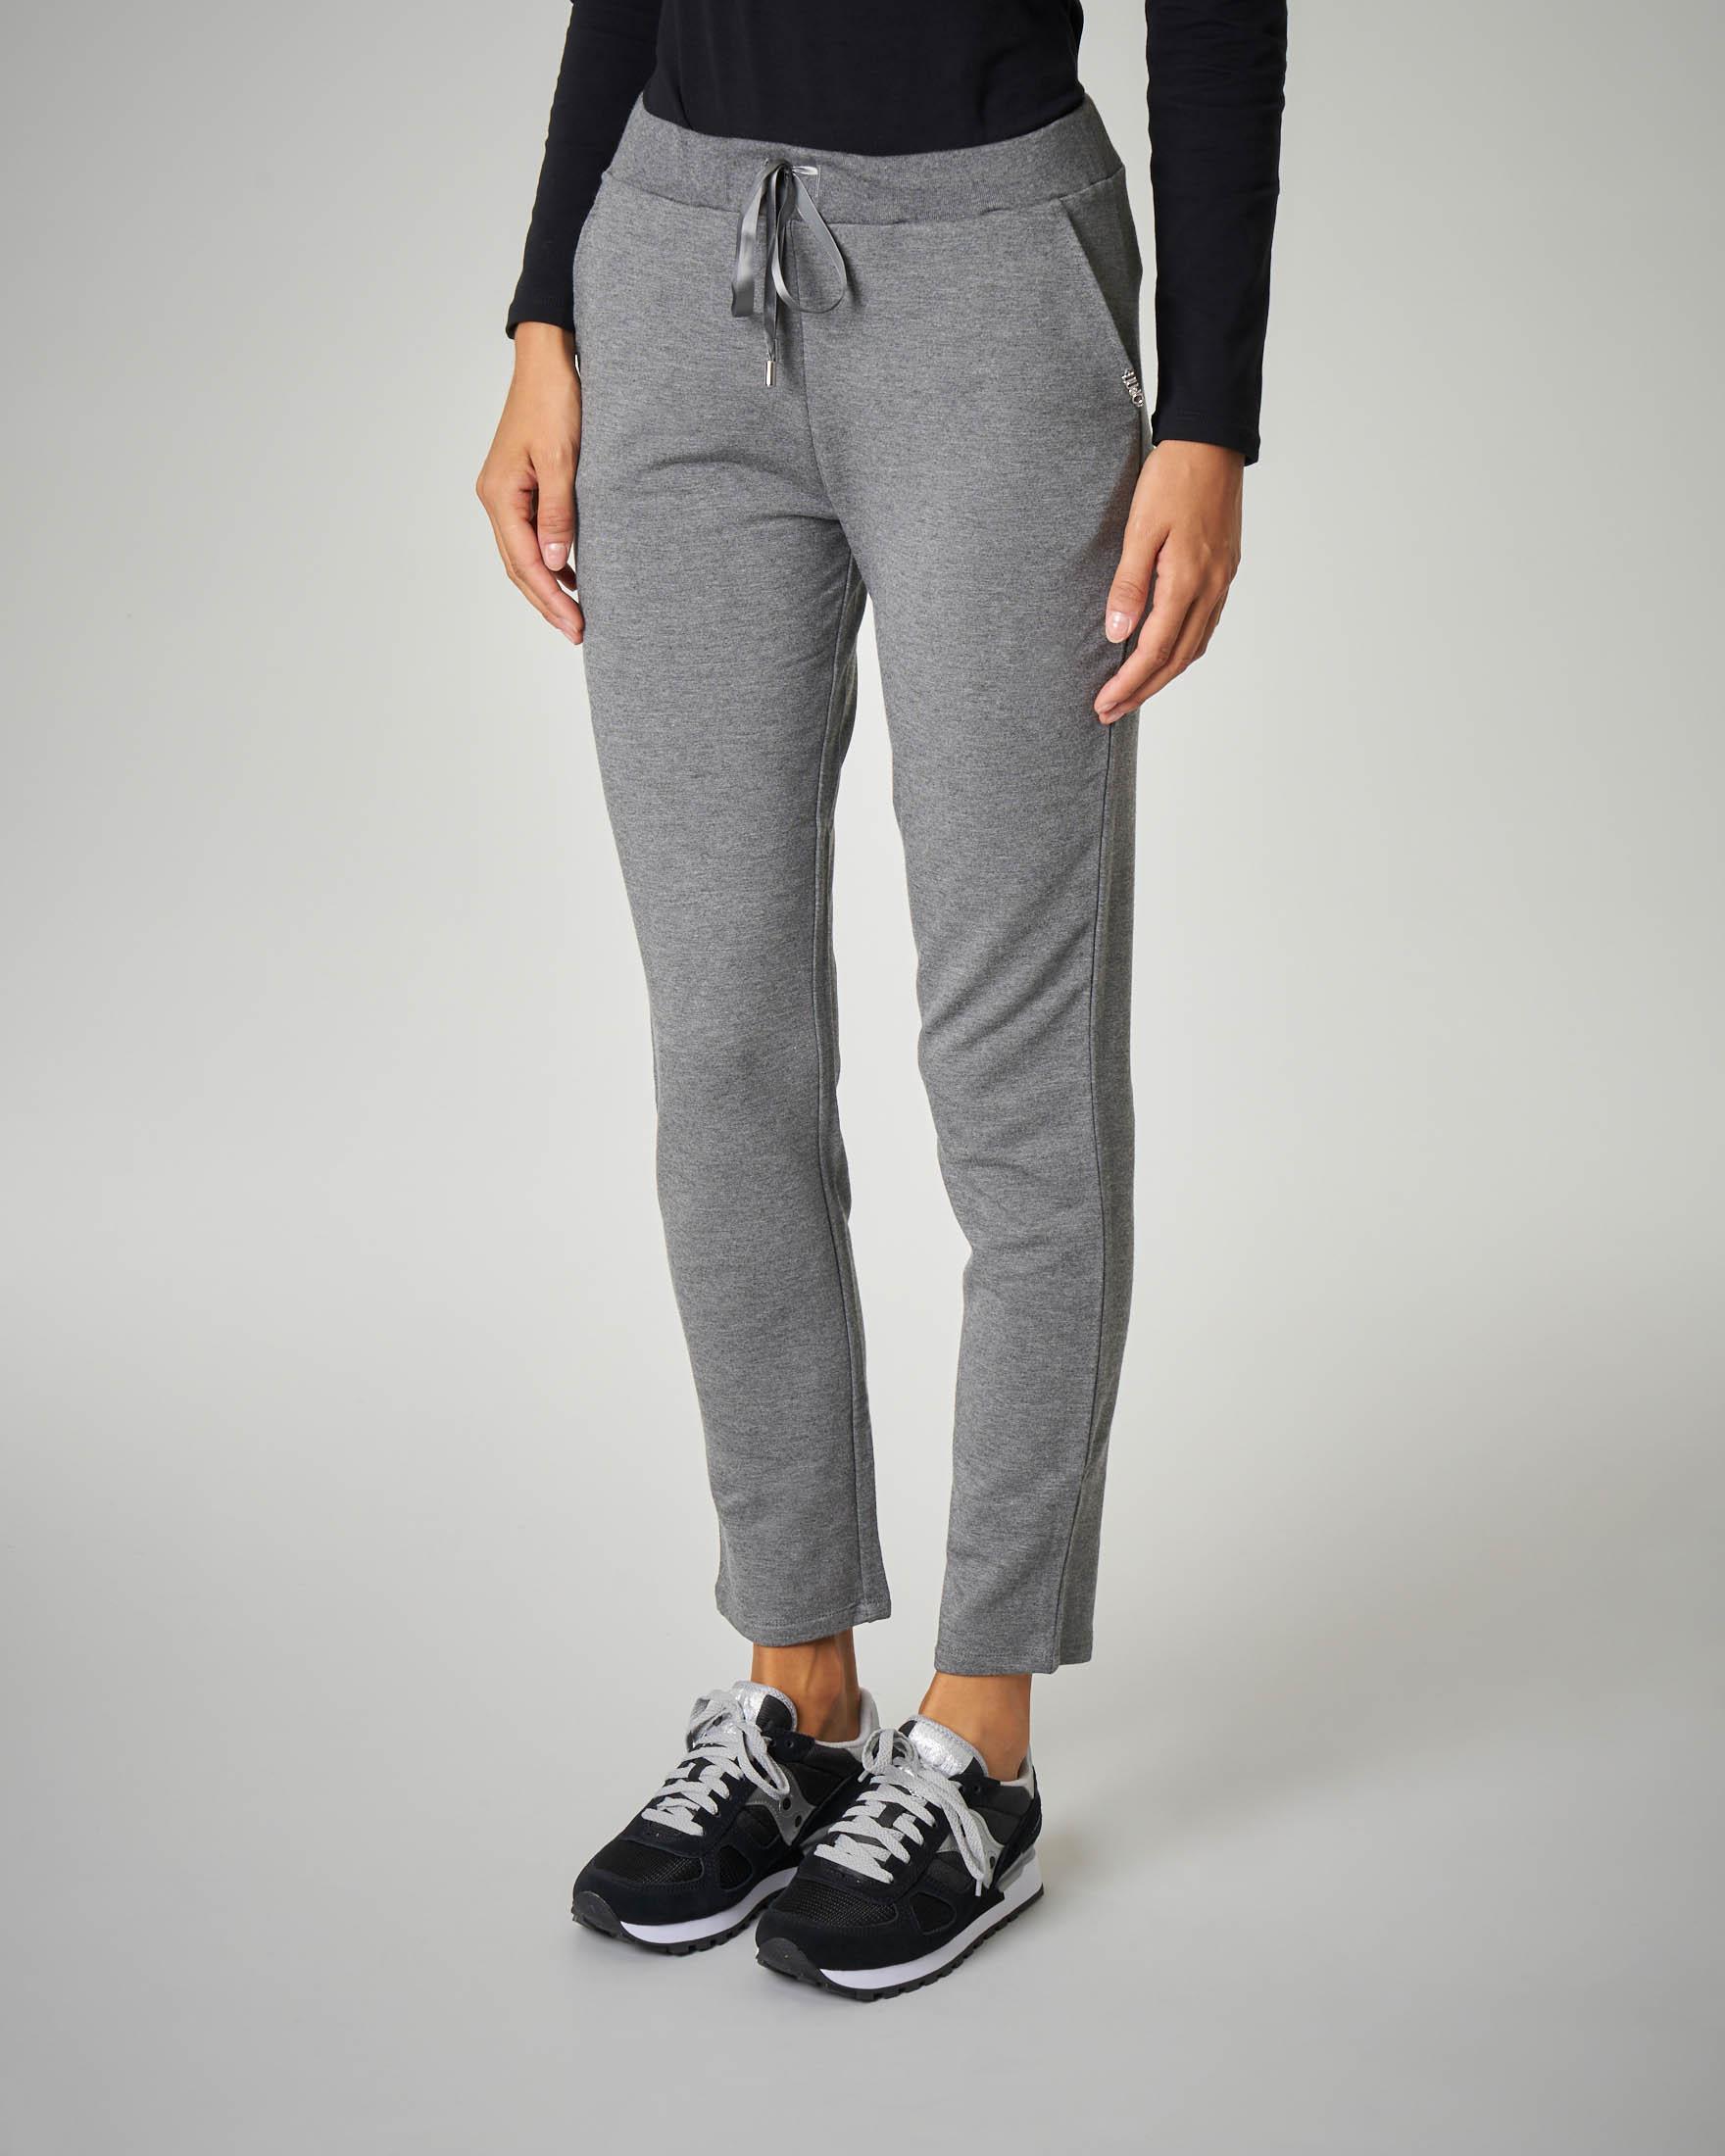 Pantaloni jogger grigi